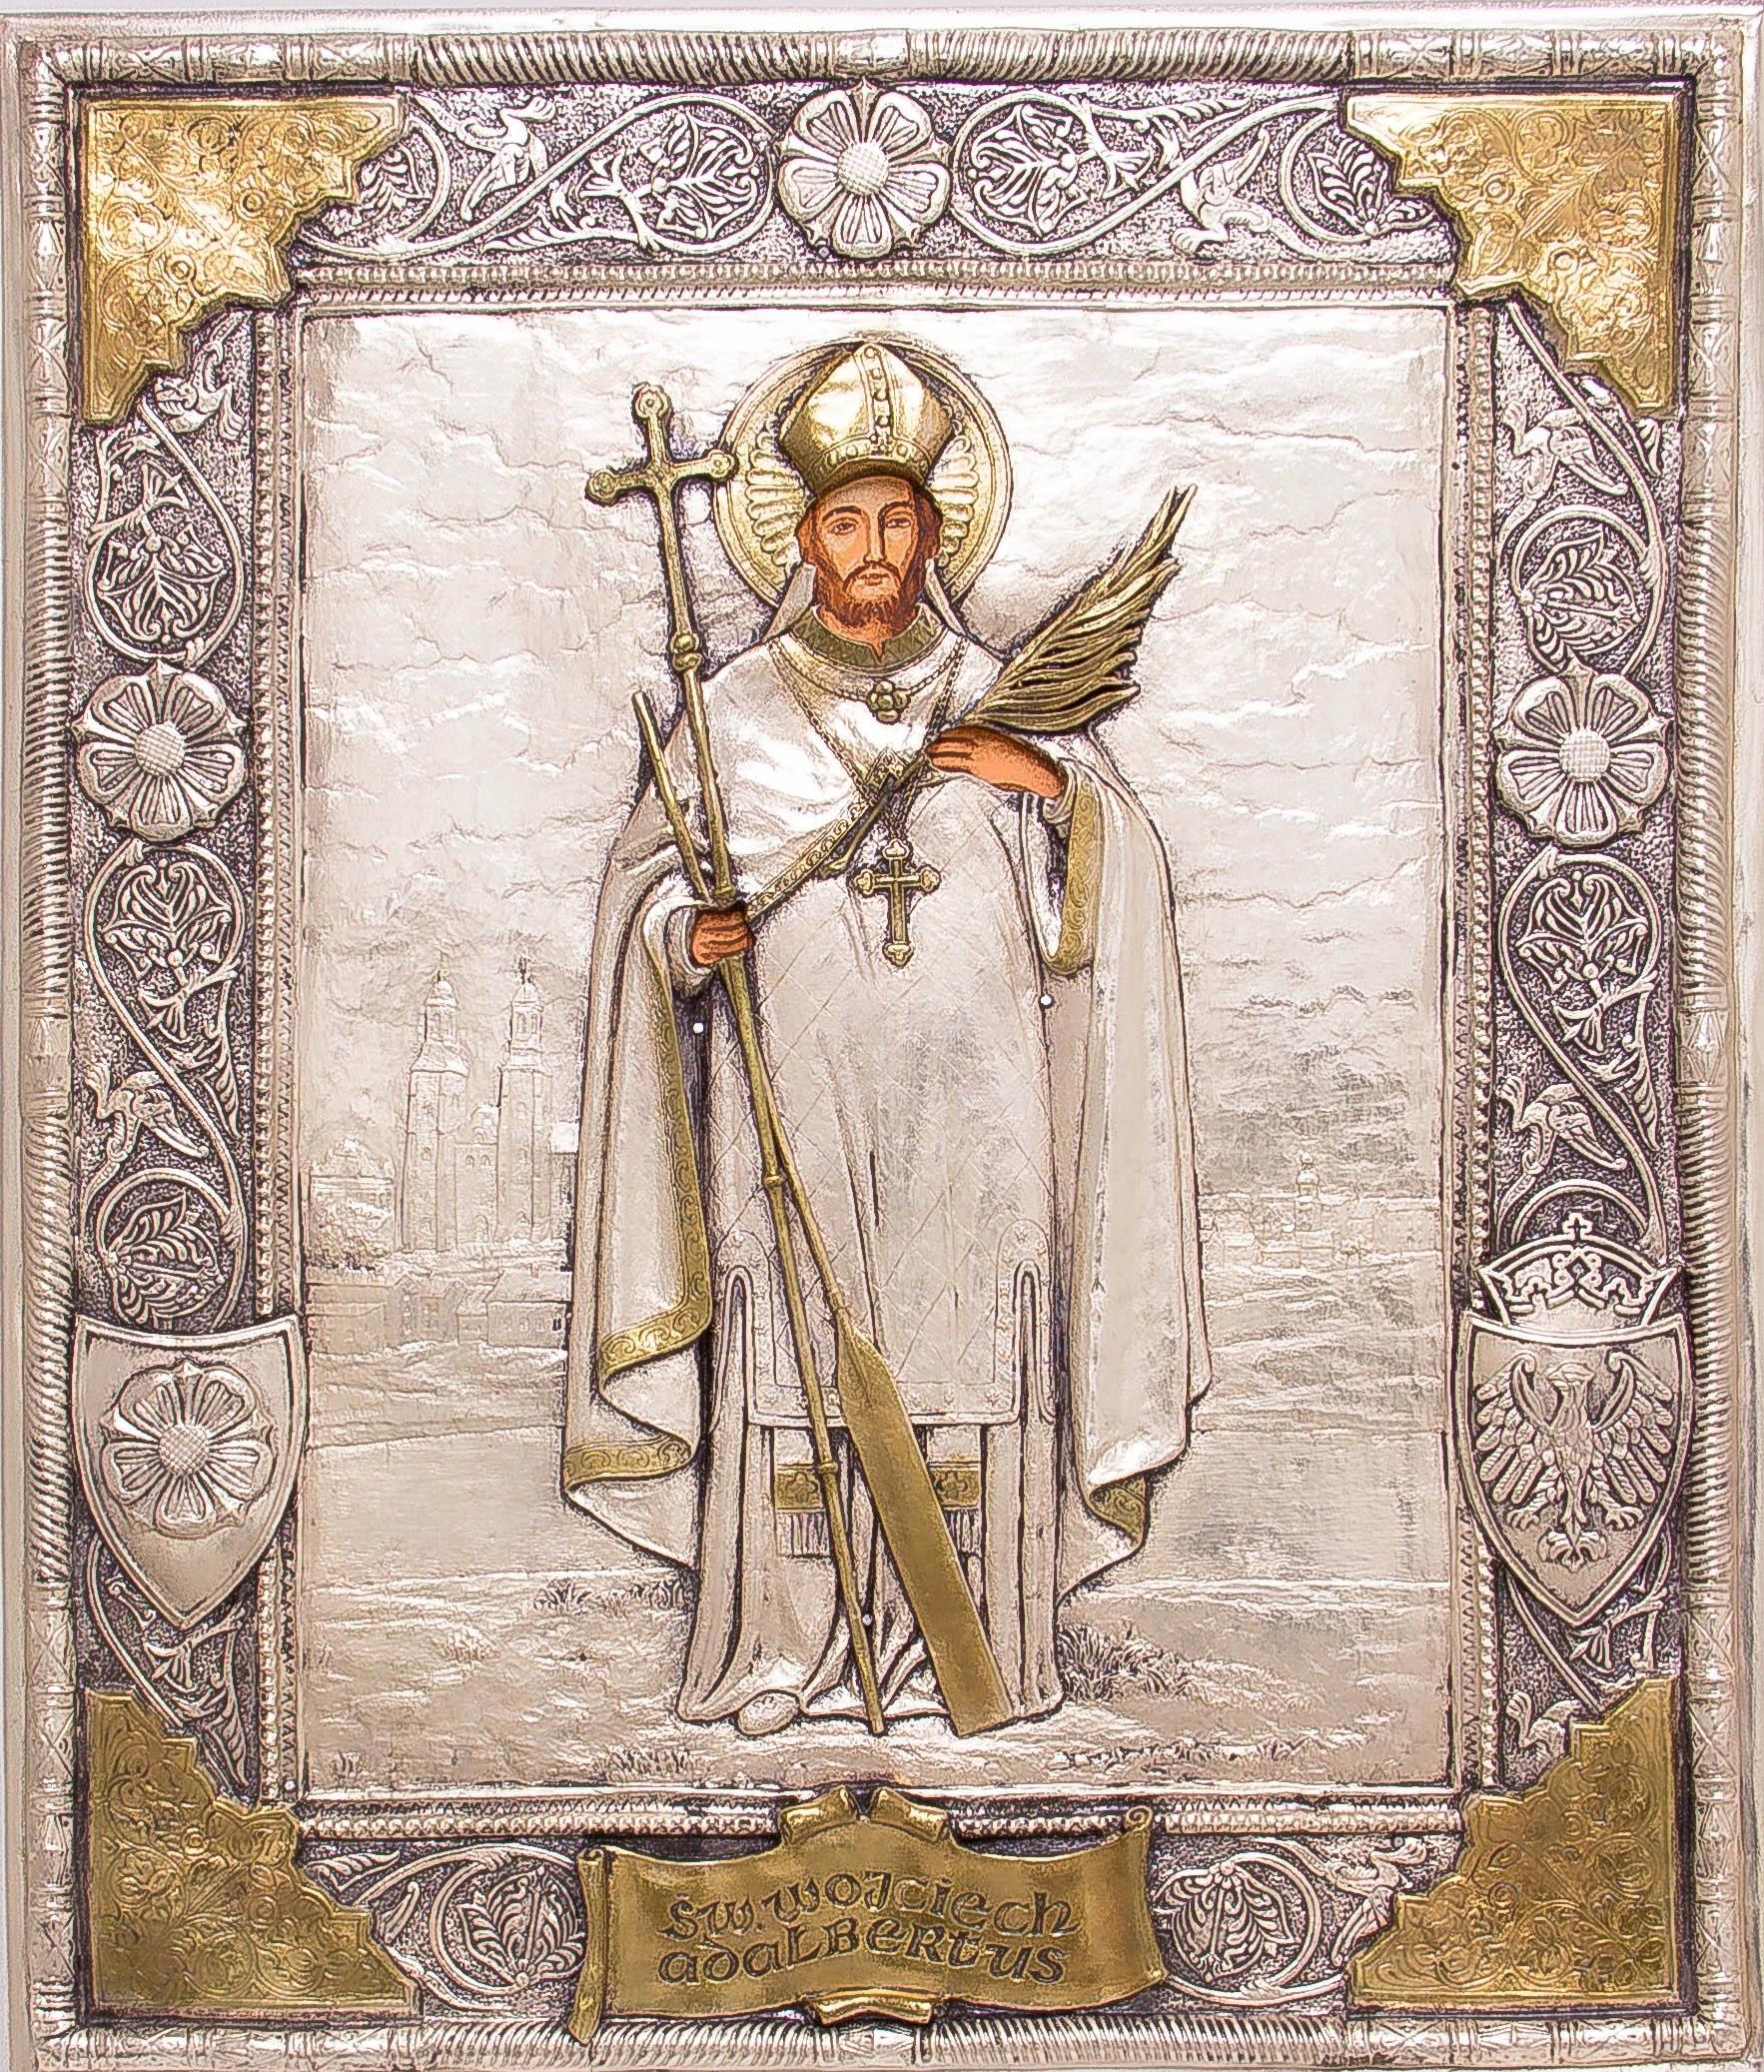 Ikona Świętego Wojciecha - patrona Polski! nr 61